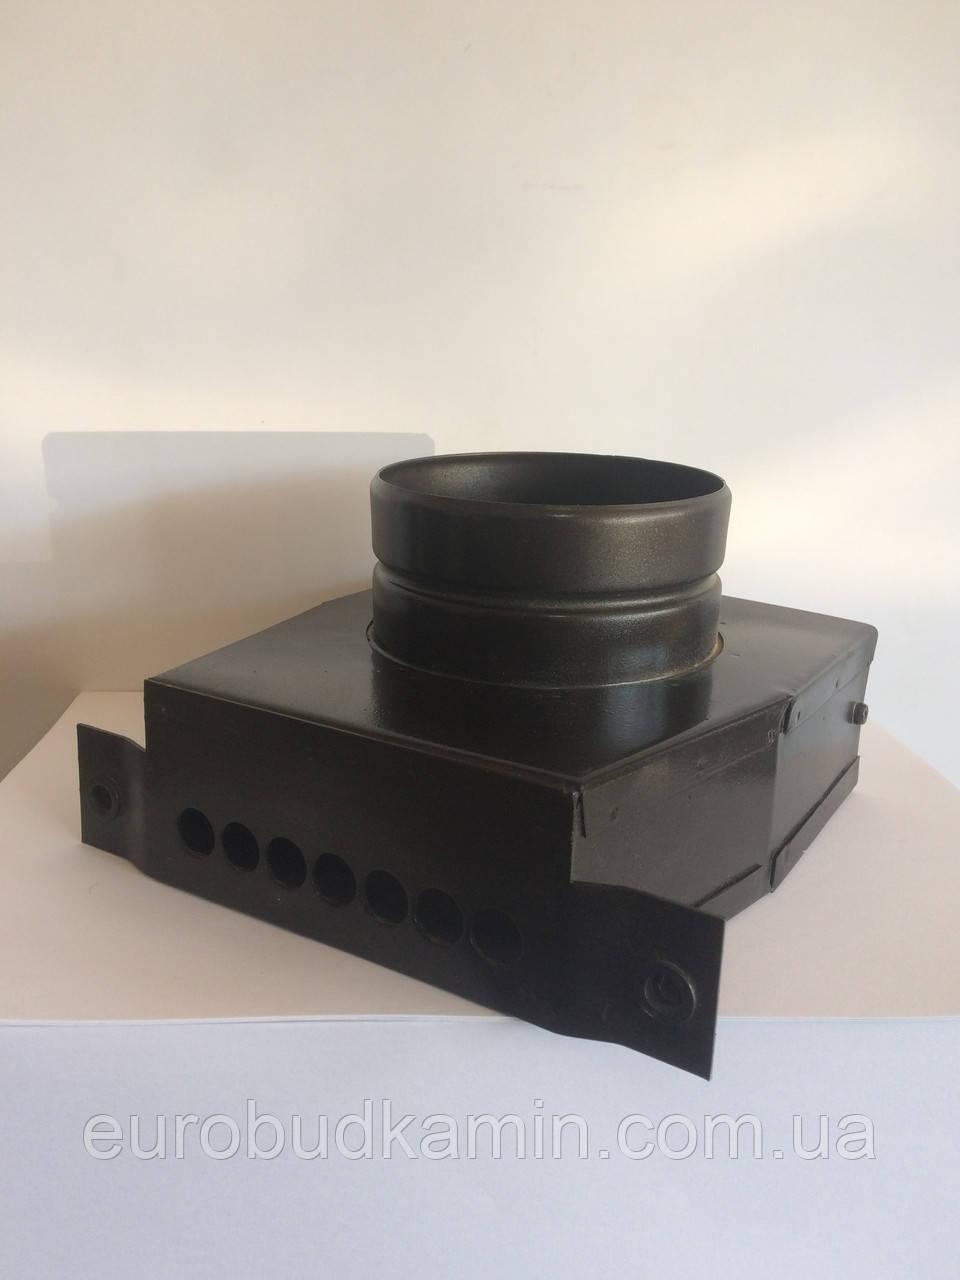 Долот - переходник для подвода воздуха Uniflam